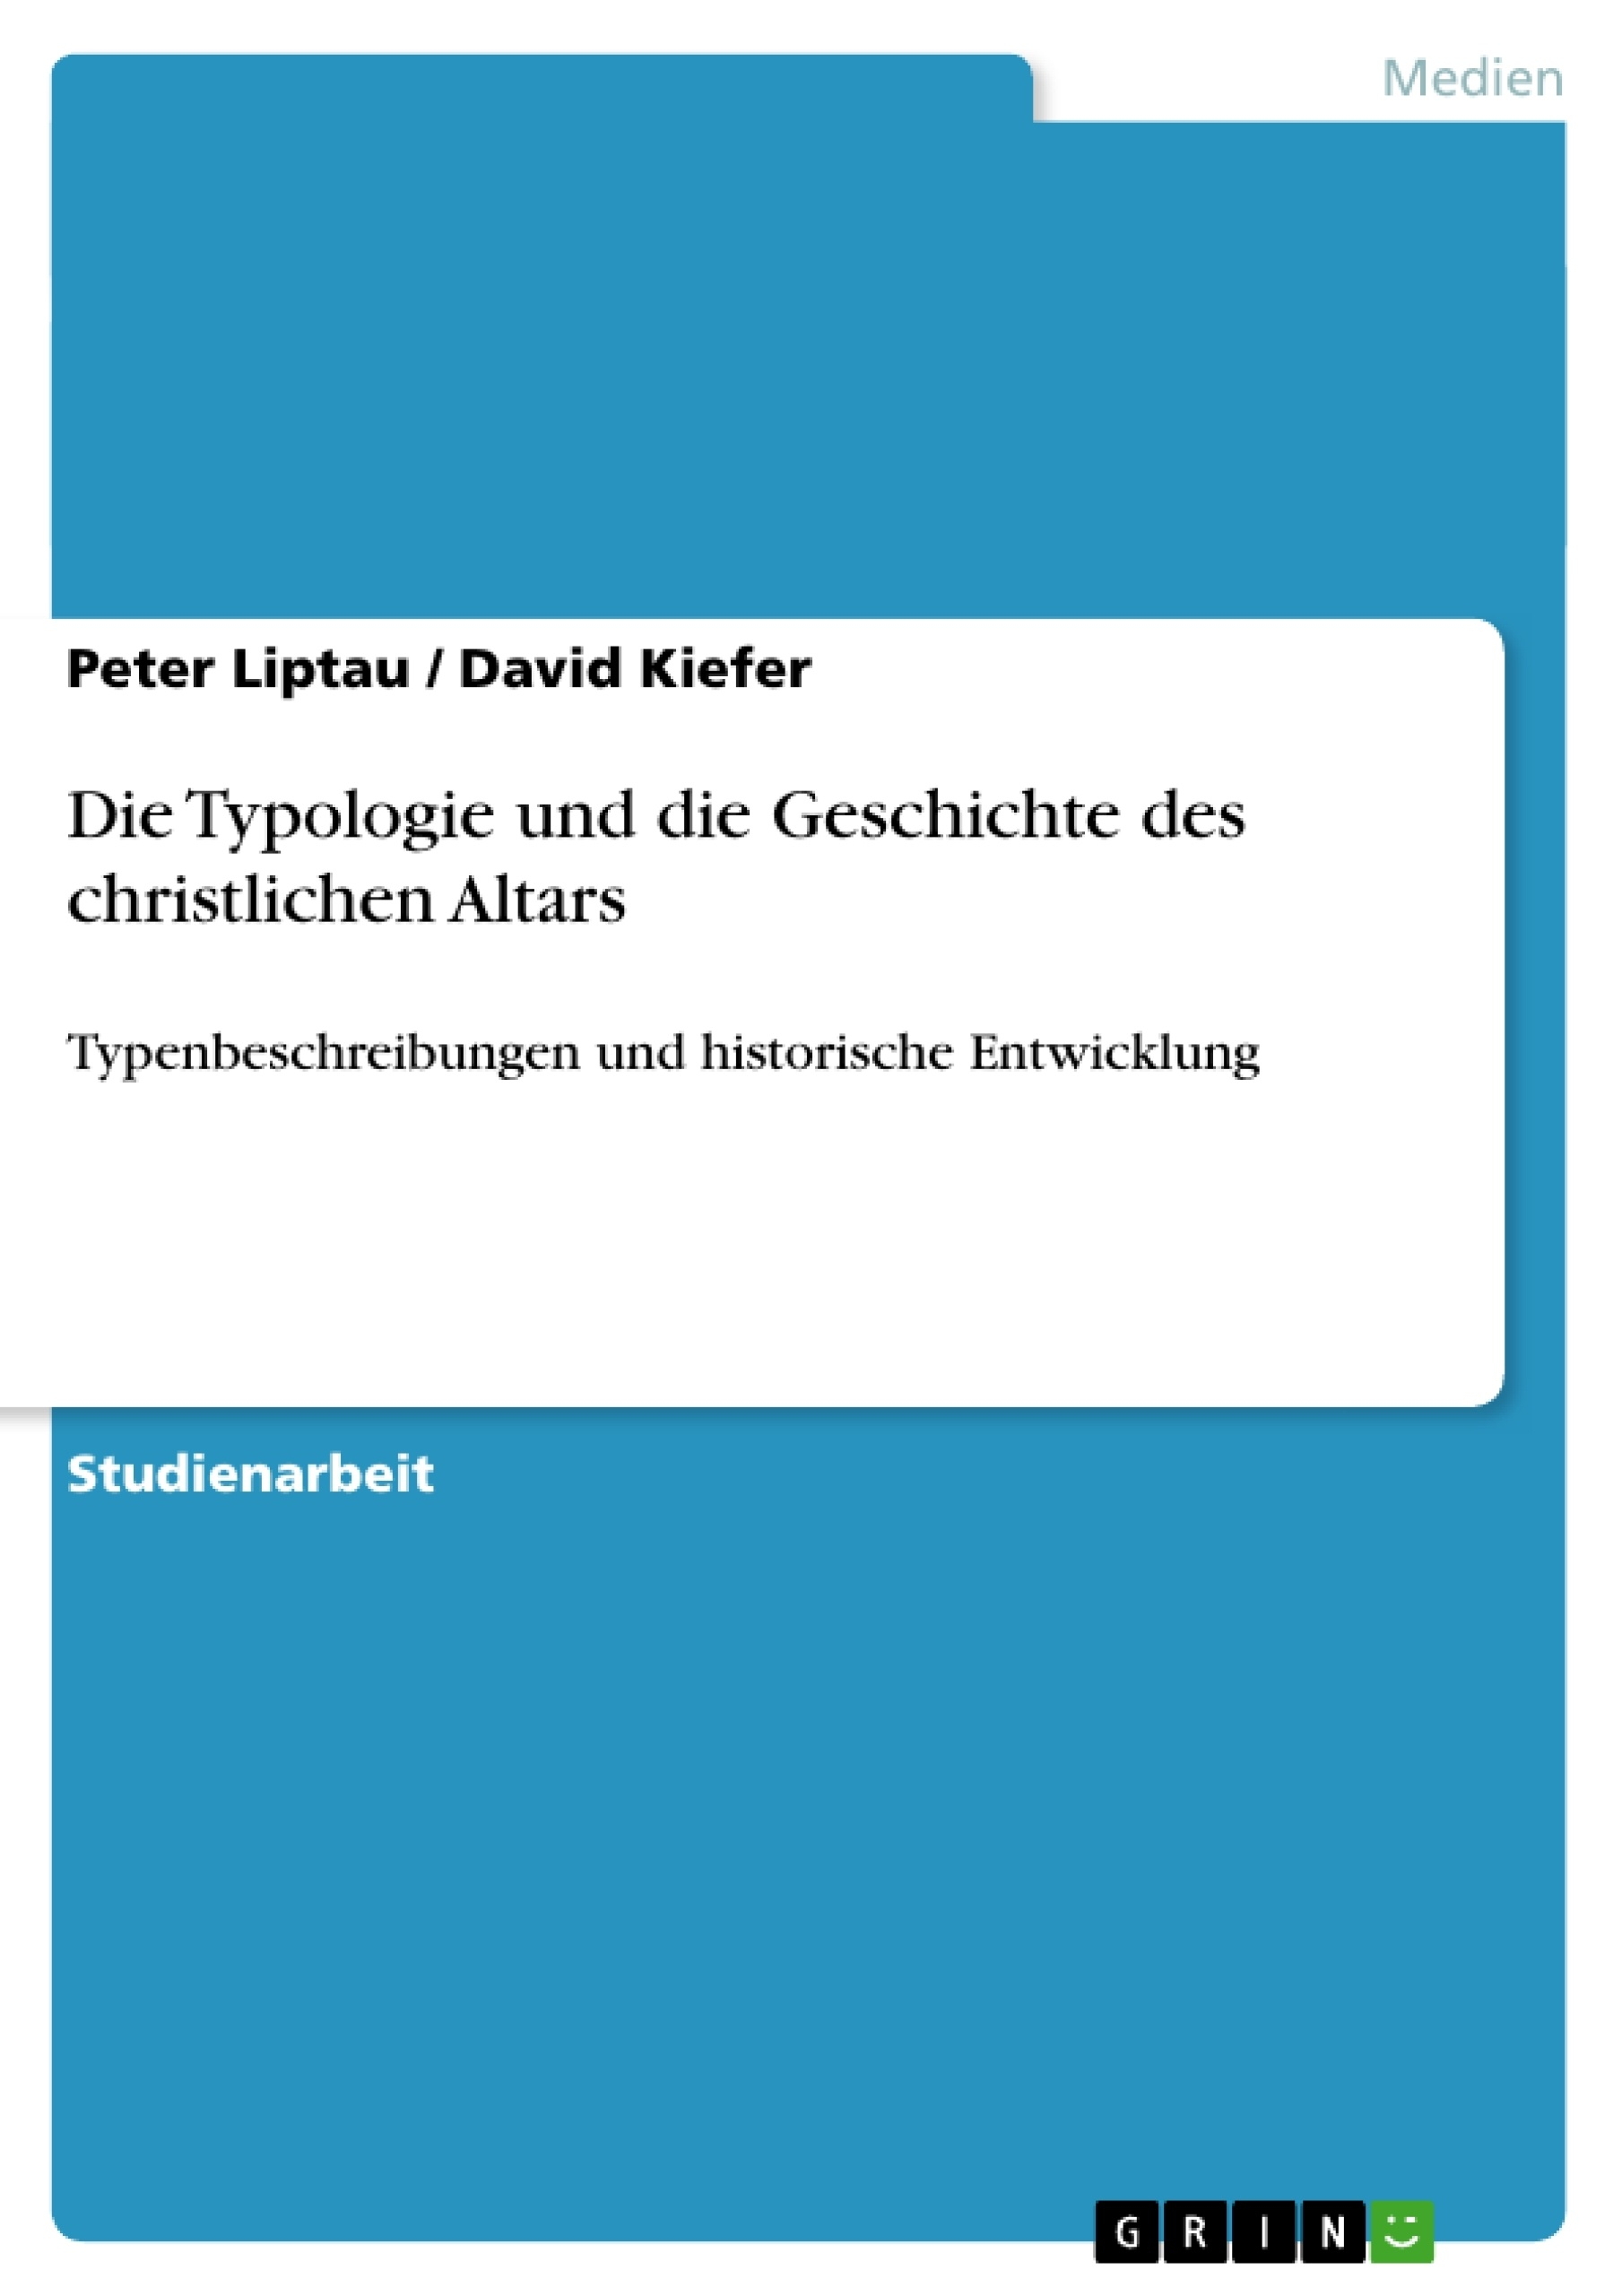 Titel: Die Typologie und die Geschichte des christlichen Altars